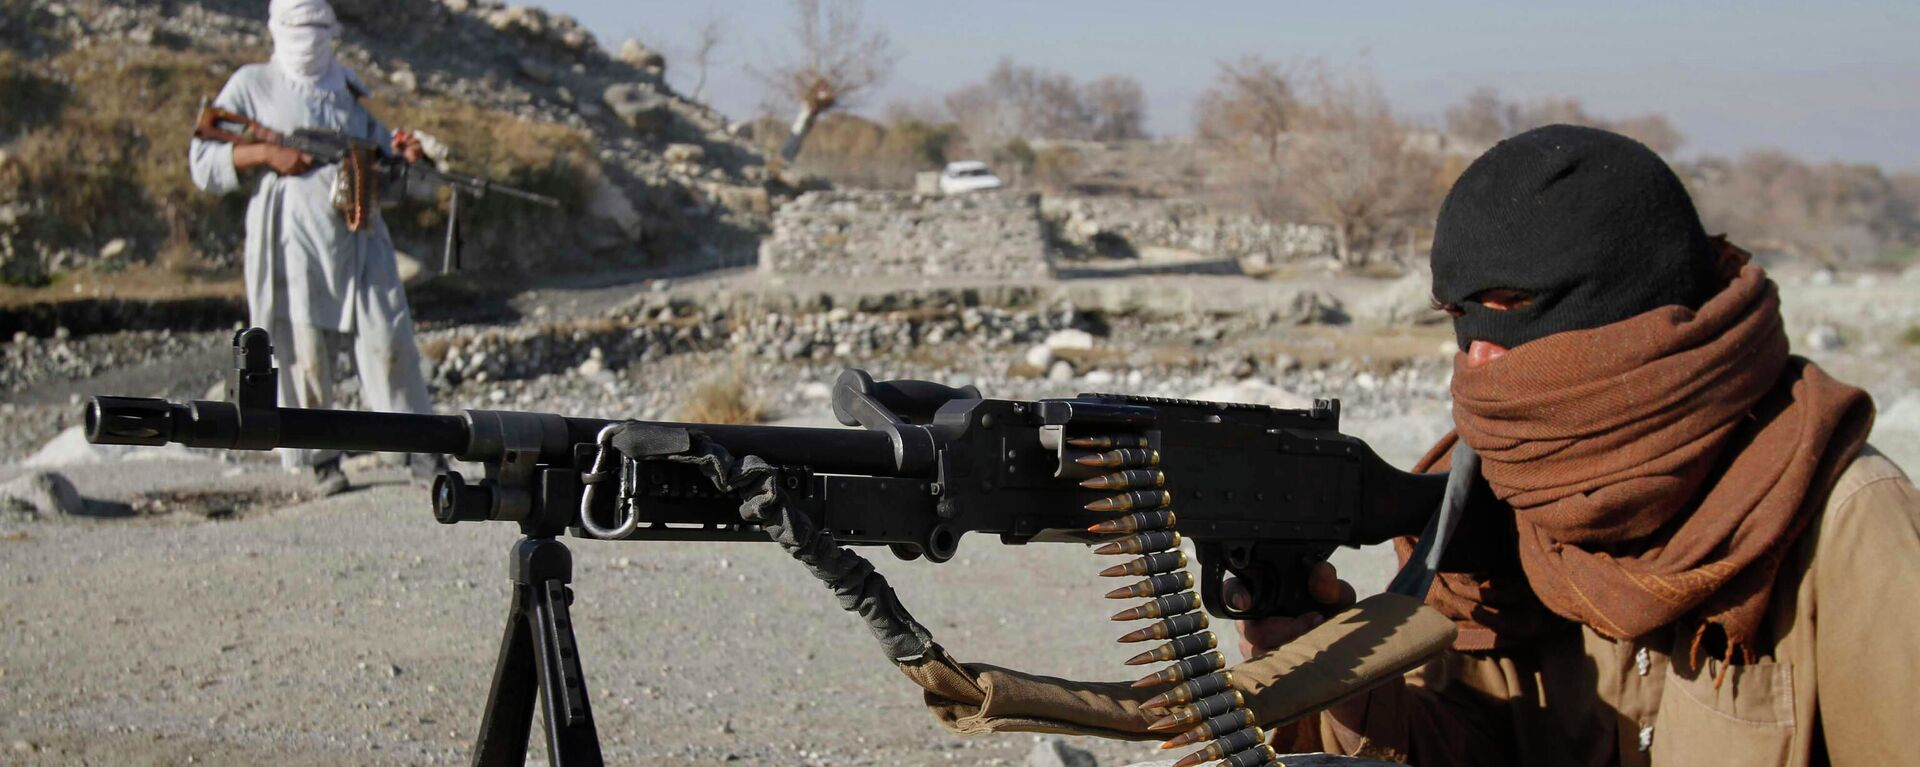 Bojovníci radikálního hnutí Tálibán v Afghánistánu - Sputnik Česká republika, 1920, 02.08.2021